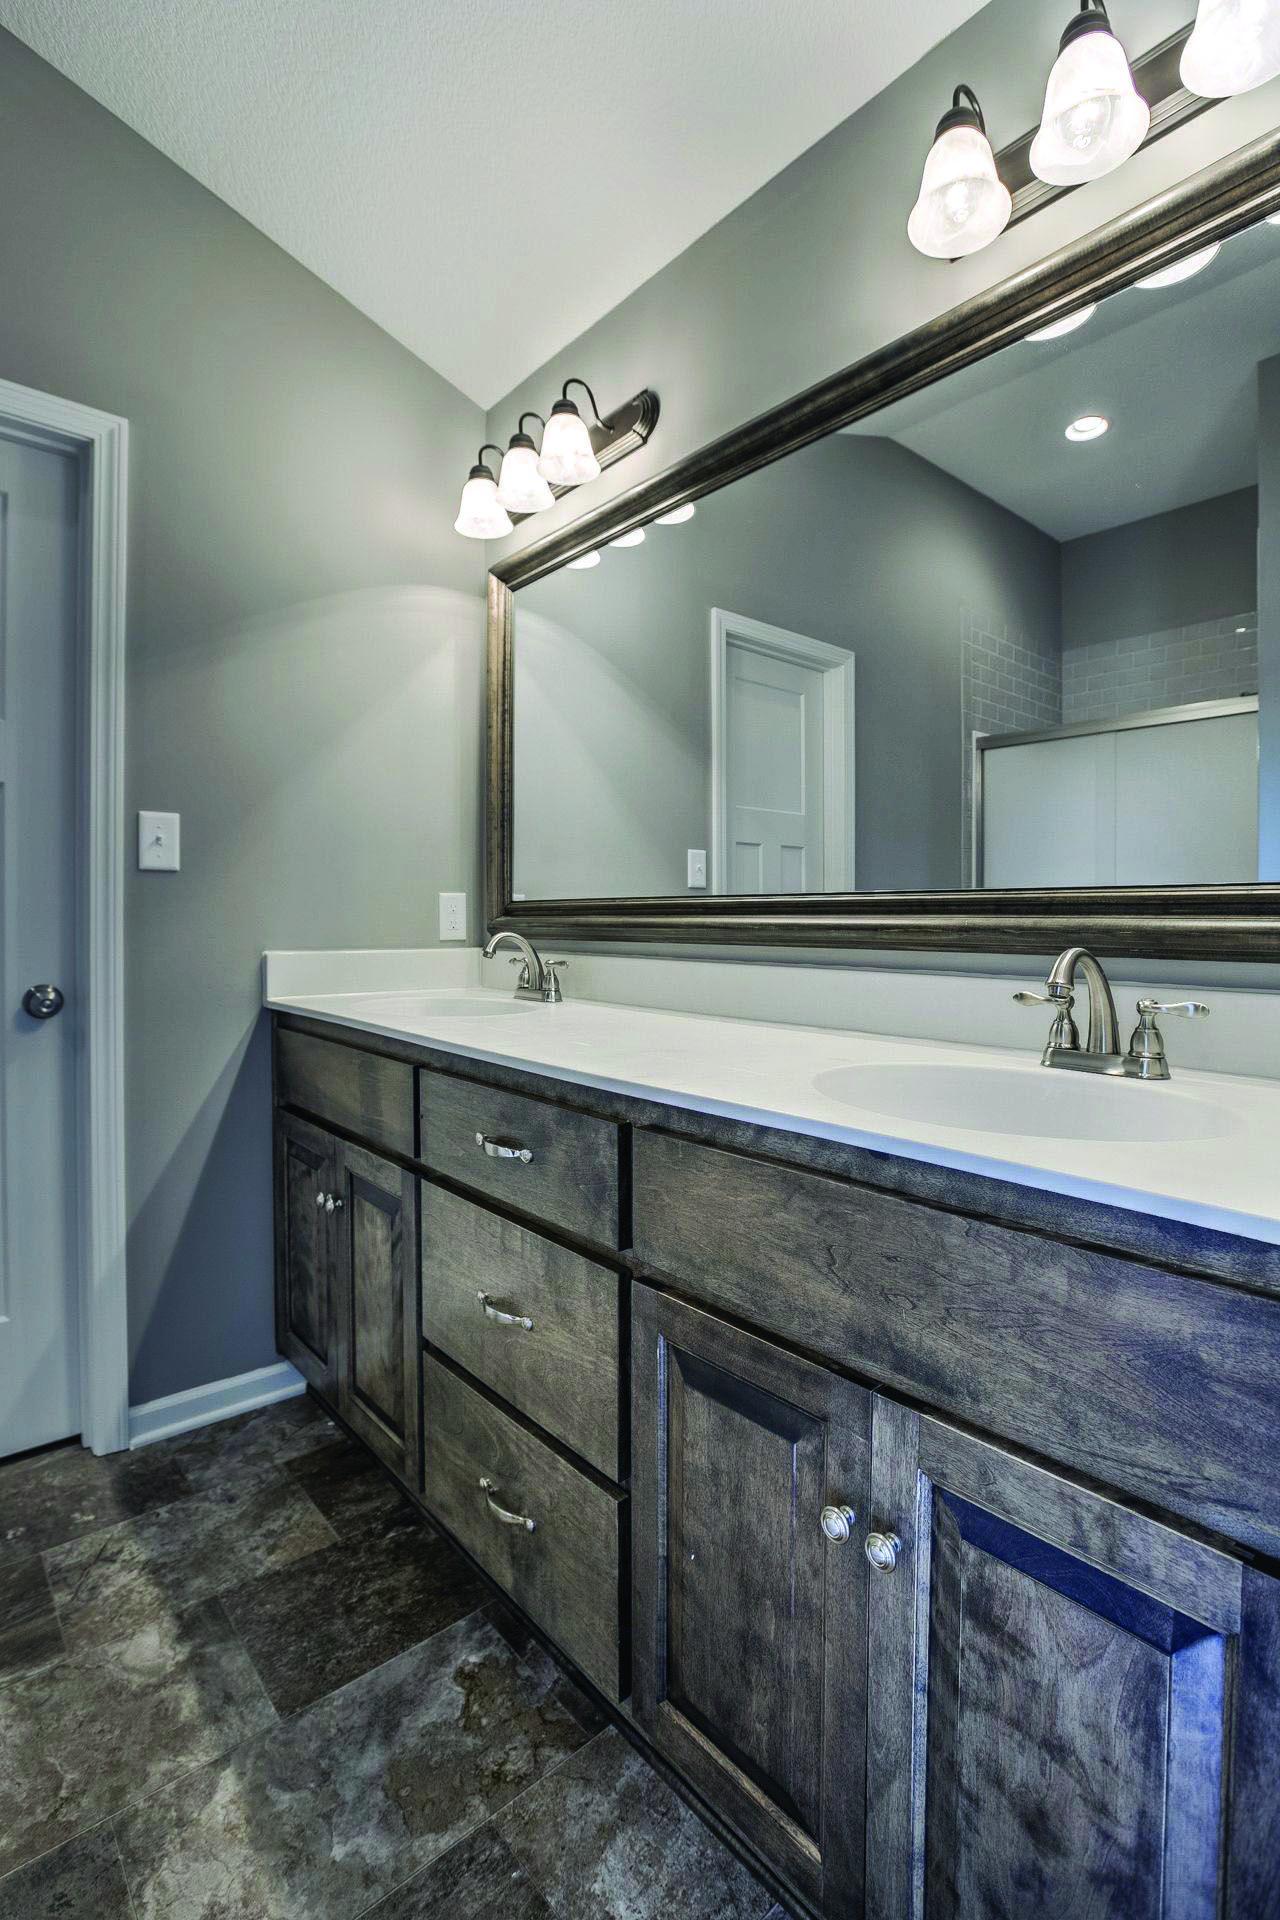 Cute Bathroom Wall Cabinets Small For 2019 Wohnung Einrichten Hausdekor Schlafzimmer Hausdekora Bathroom Wall Colors Master Bathroom Design Bathroom Decor